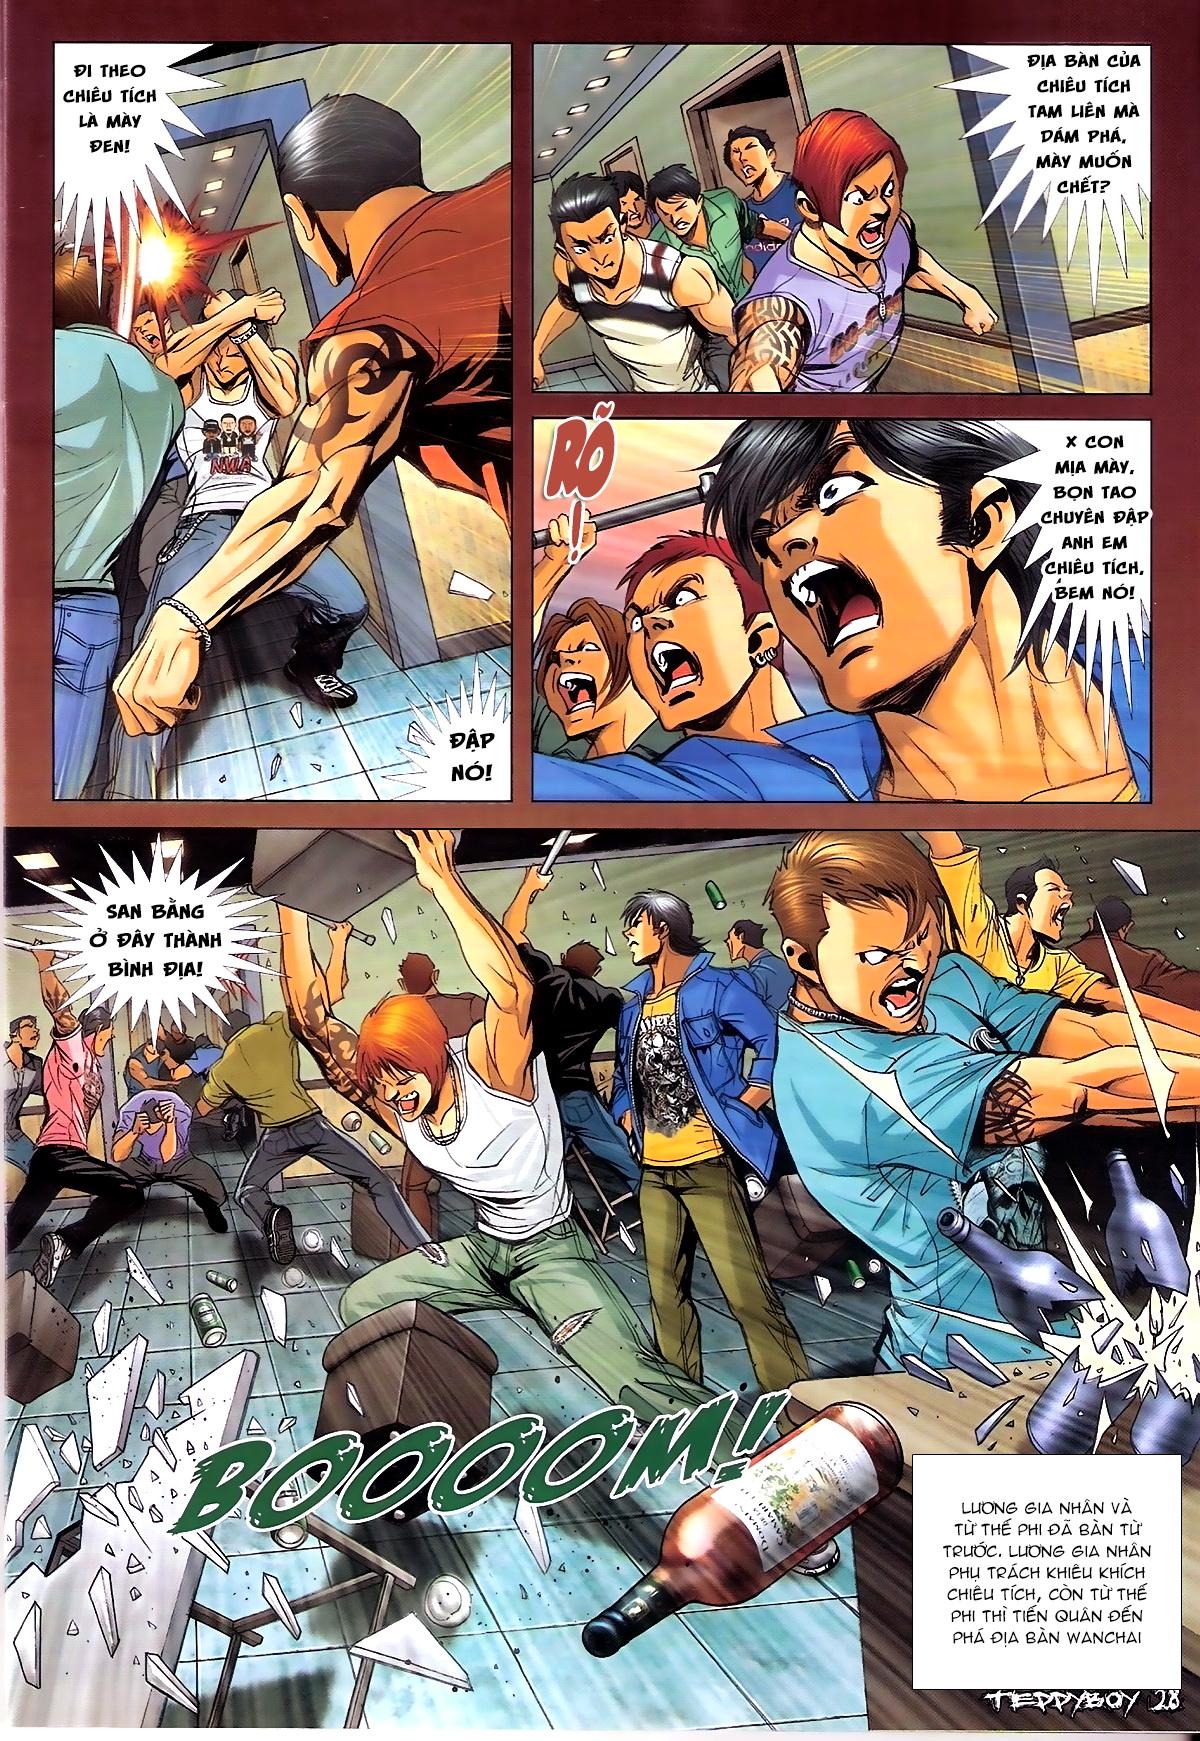 Người Trong Giang Hồ - Chapter 1339: Lương Gia Nhân vs Chiêu Tích - Pic 26